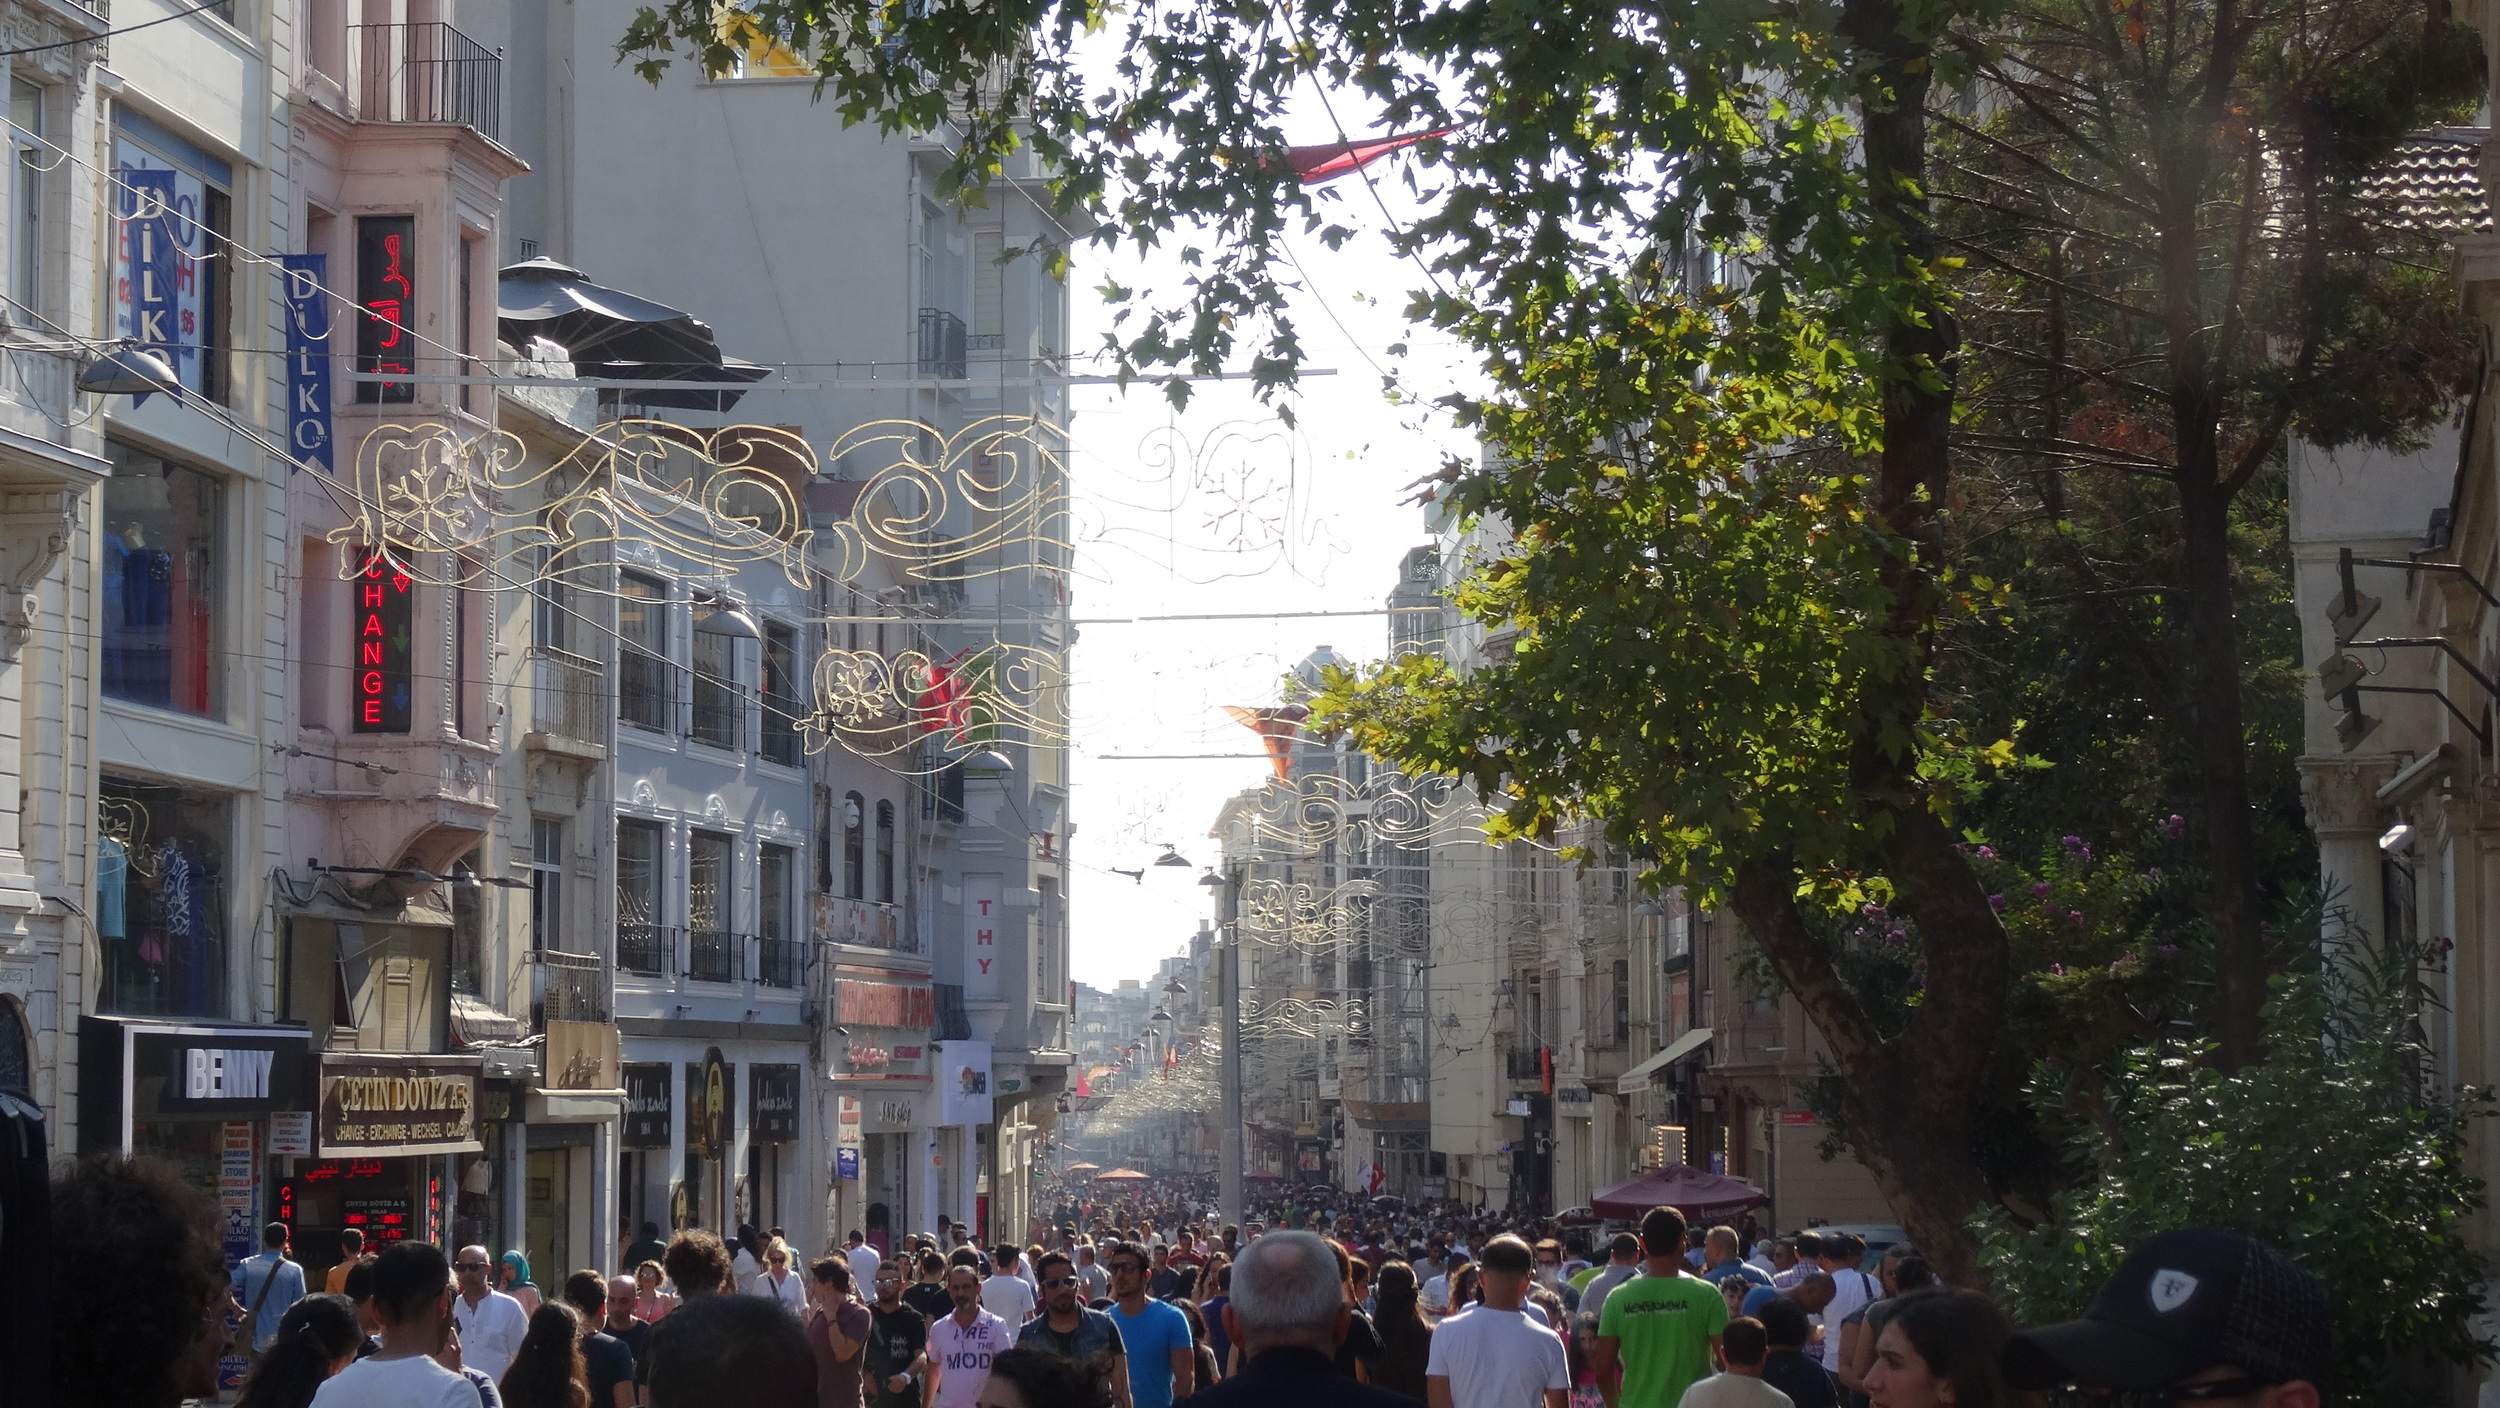 The packed neighborhood of Beyoglu.